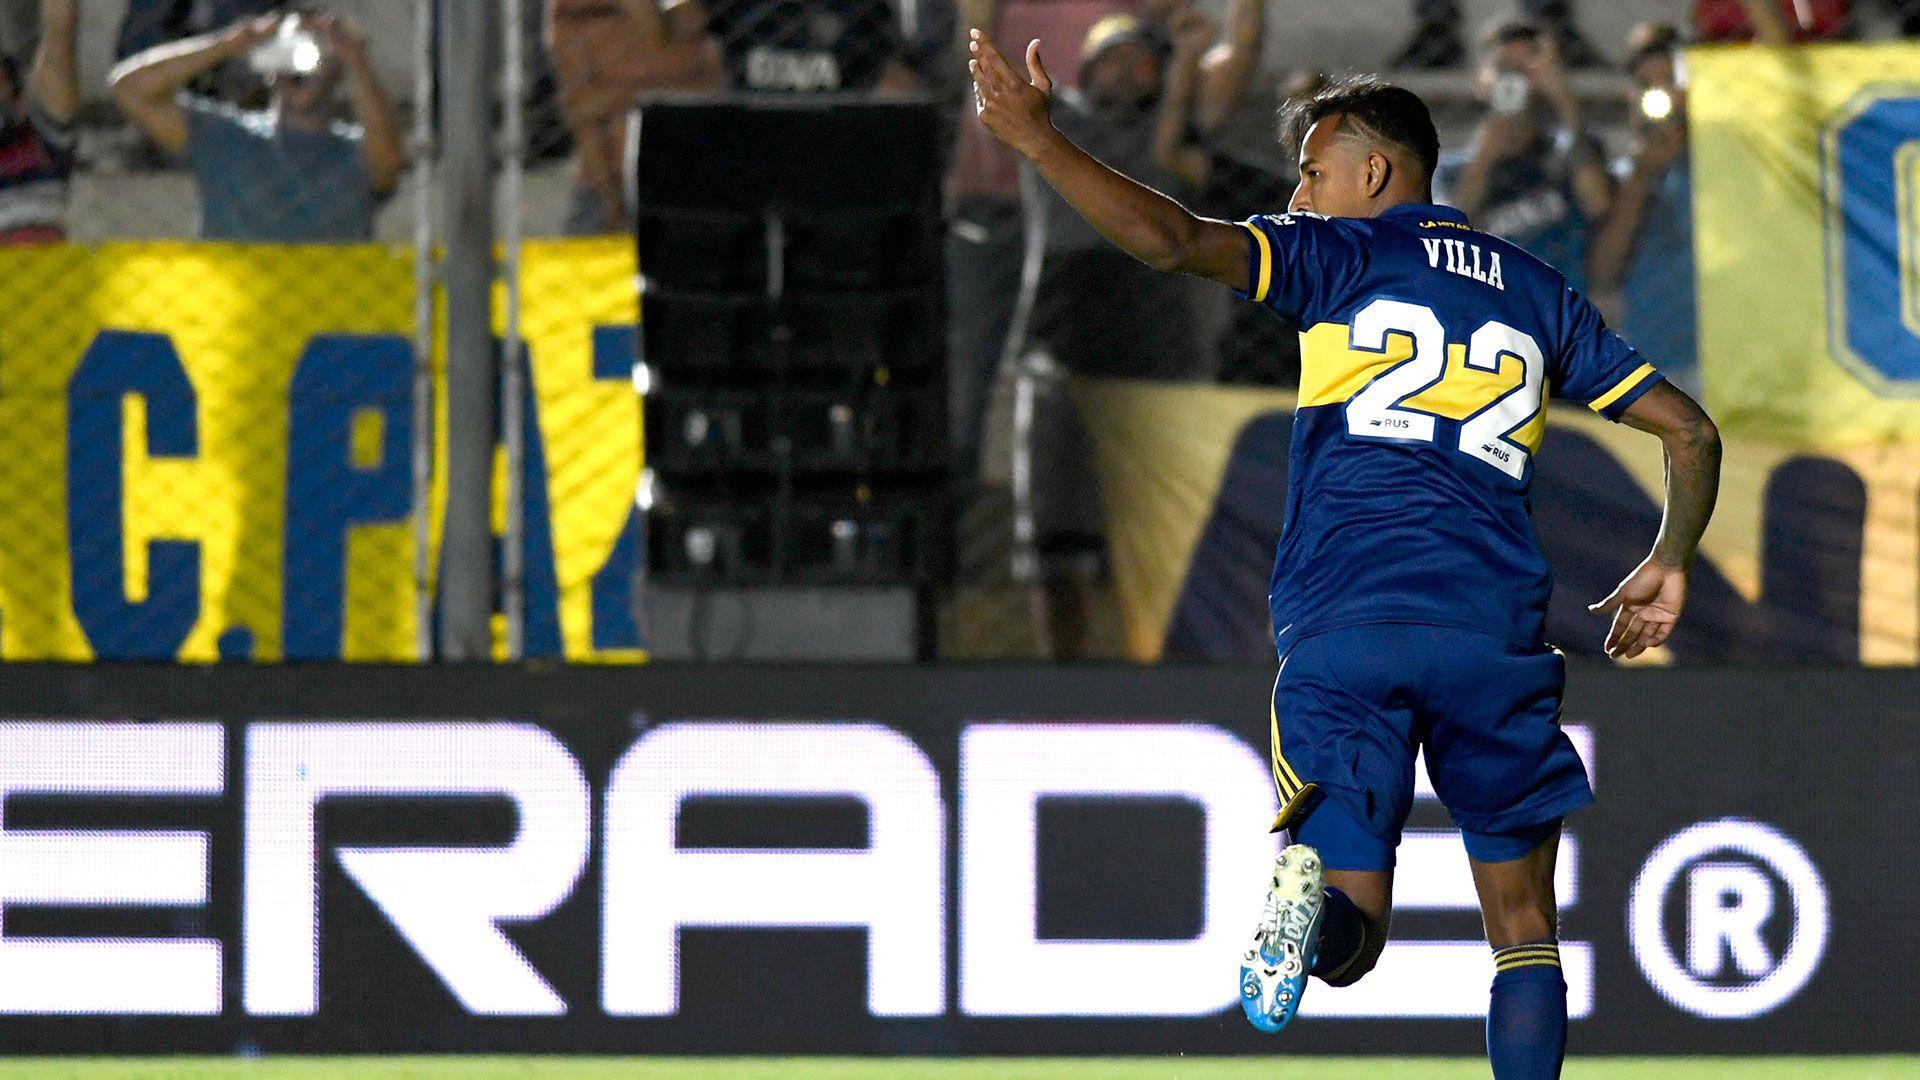 Sebastián Villa parece tener las horas contadas en Boca (Foto Baires)